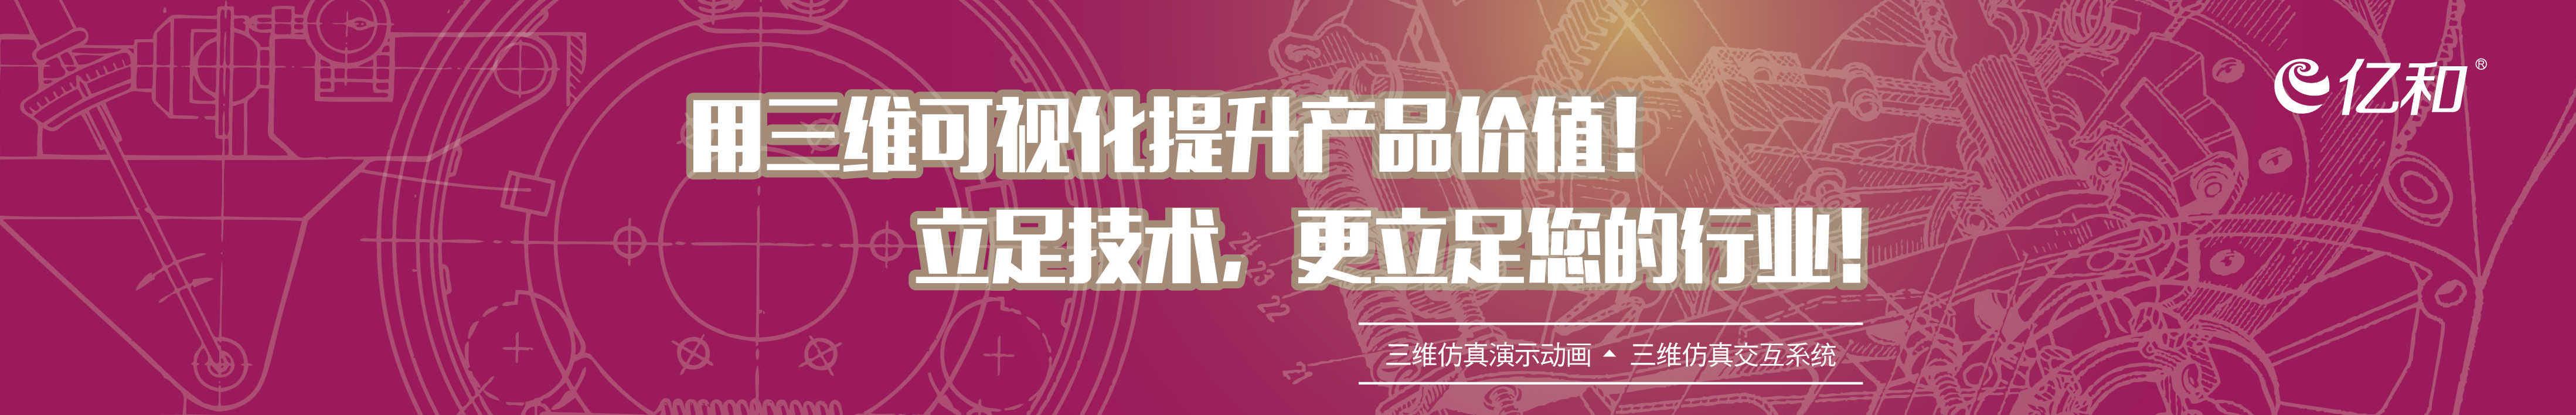 新浪微博_亿和动画 banner